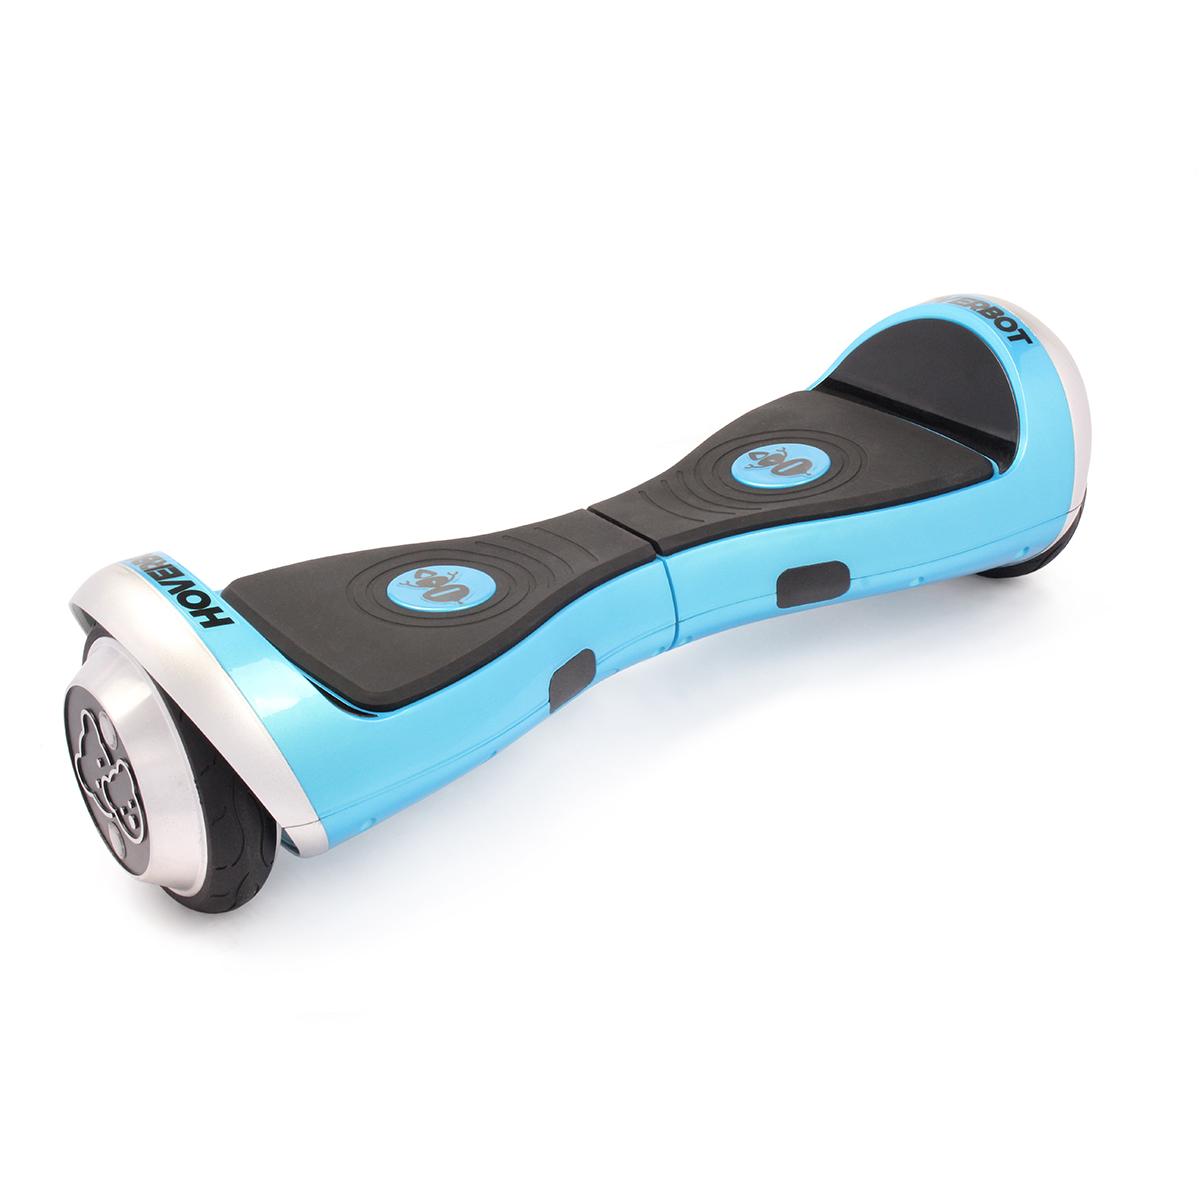 Гироскутер Hoverbot K-1, детский, цвет: синийGK1BEГироскутер Hoverbot K-1 создан специально для детей. Имеет большой цветовой спектр корпусов, поэтому подойдёт как для девочек, так и для мальчиков. Лёгкое и компактное устройство плавно входит в повороты, сводя к минимуму возможность падения с гироборда. Сравнительно небольшой диаметр колёс 4,5 рассчитан на передвижение по асфальту. По бокам на колёсах имеются световые огоньки, которые при движении начинают светиться. Hoverbot K-1 выдерживает максимальный вес 45 кг. Корпус сделан из высокопрочного, противоударного пластика, который сможет выдержать удары при падении с небольшой высоты. Кнопки-датчики управления борда стилизованы под бренд Hoverbot и располагаются на мягкой резиновой педали. Купив гироборд Hoverbot K-1 в подарок, вы доставите несказанную радость вашему ребёнку. Технические характеристики: Возможная дистанция: 10 км Максимальная скорость: 10 км/ч Аккумулятор: Lithium 42V 2.2 AH Размер колеса: 4,5 d Мощность мотора: 2 х 105W Максимальная нагрузка: 45 кг Время...